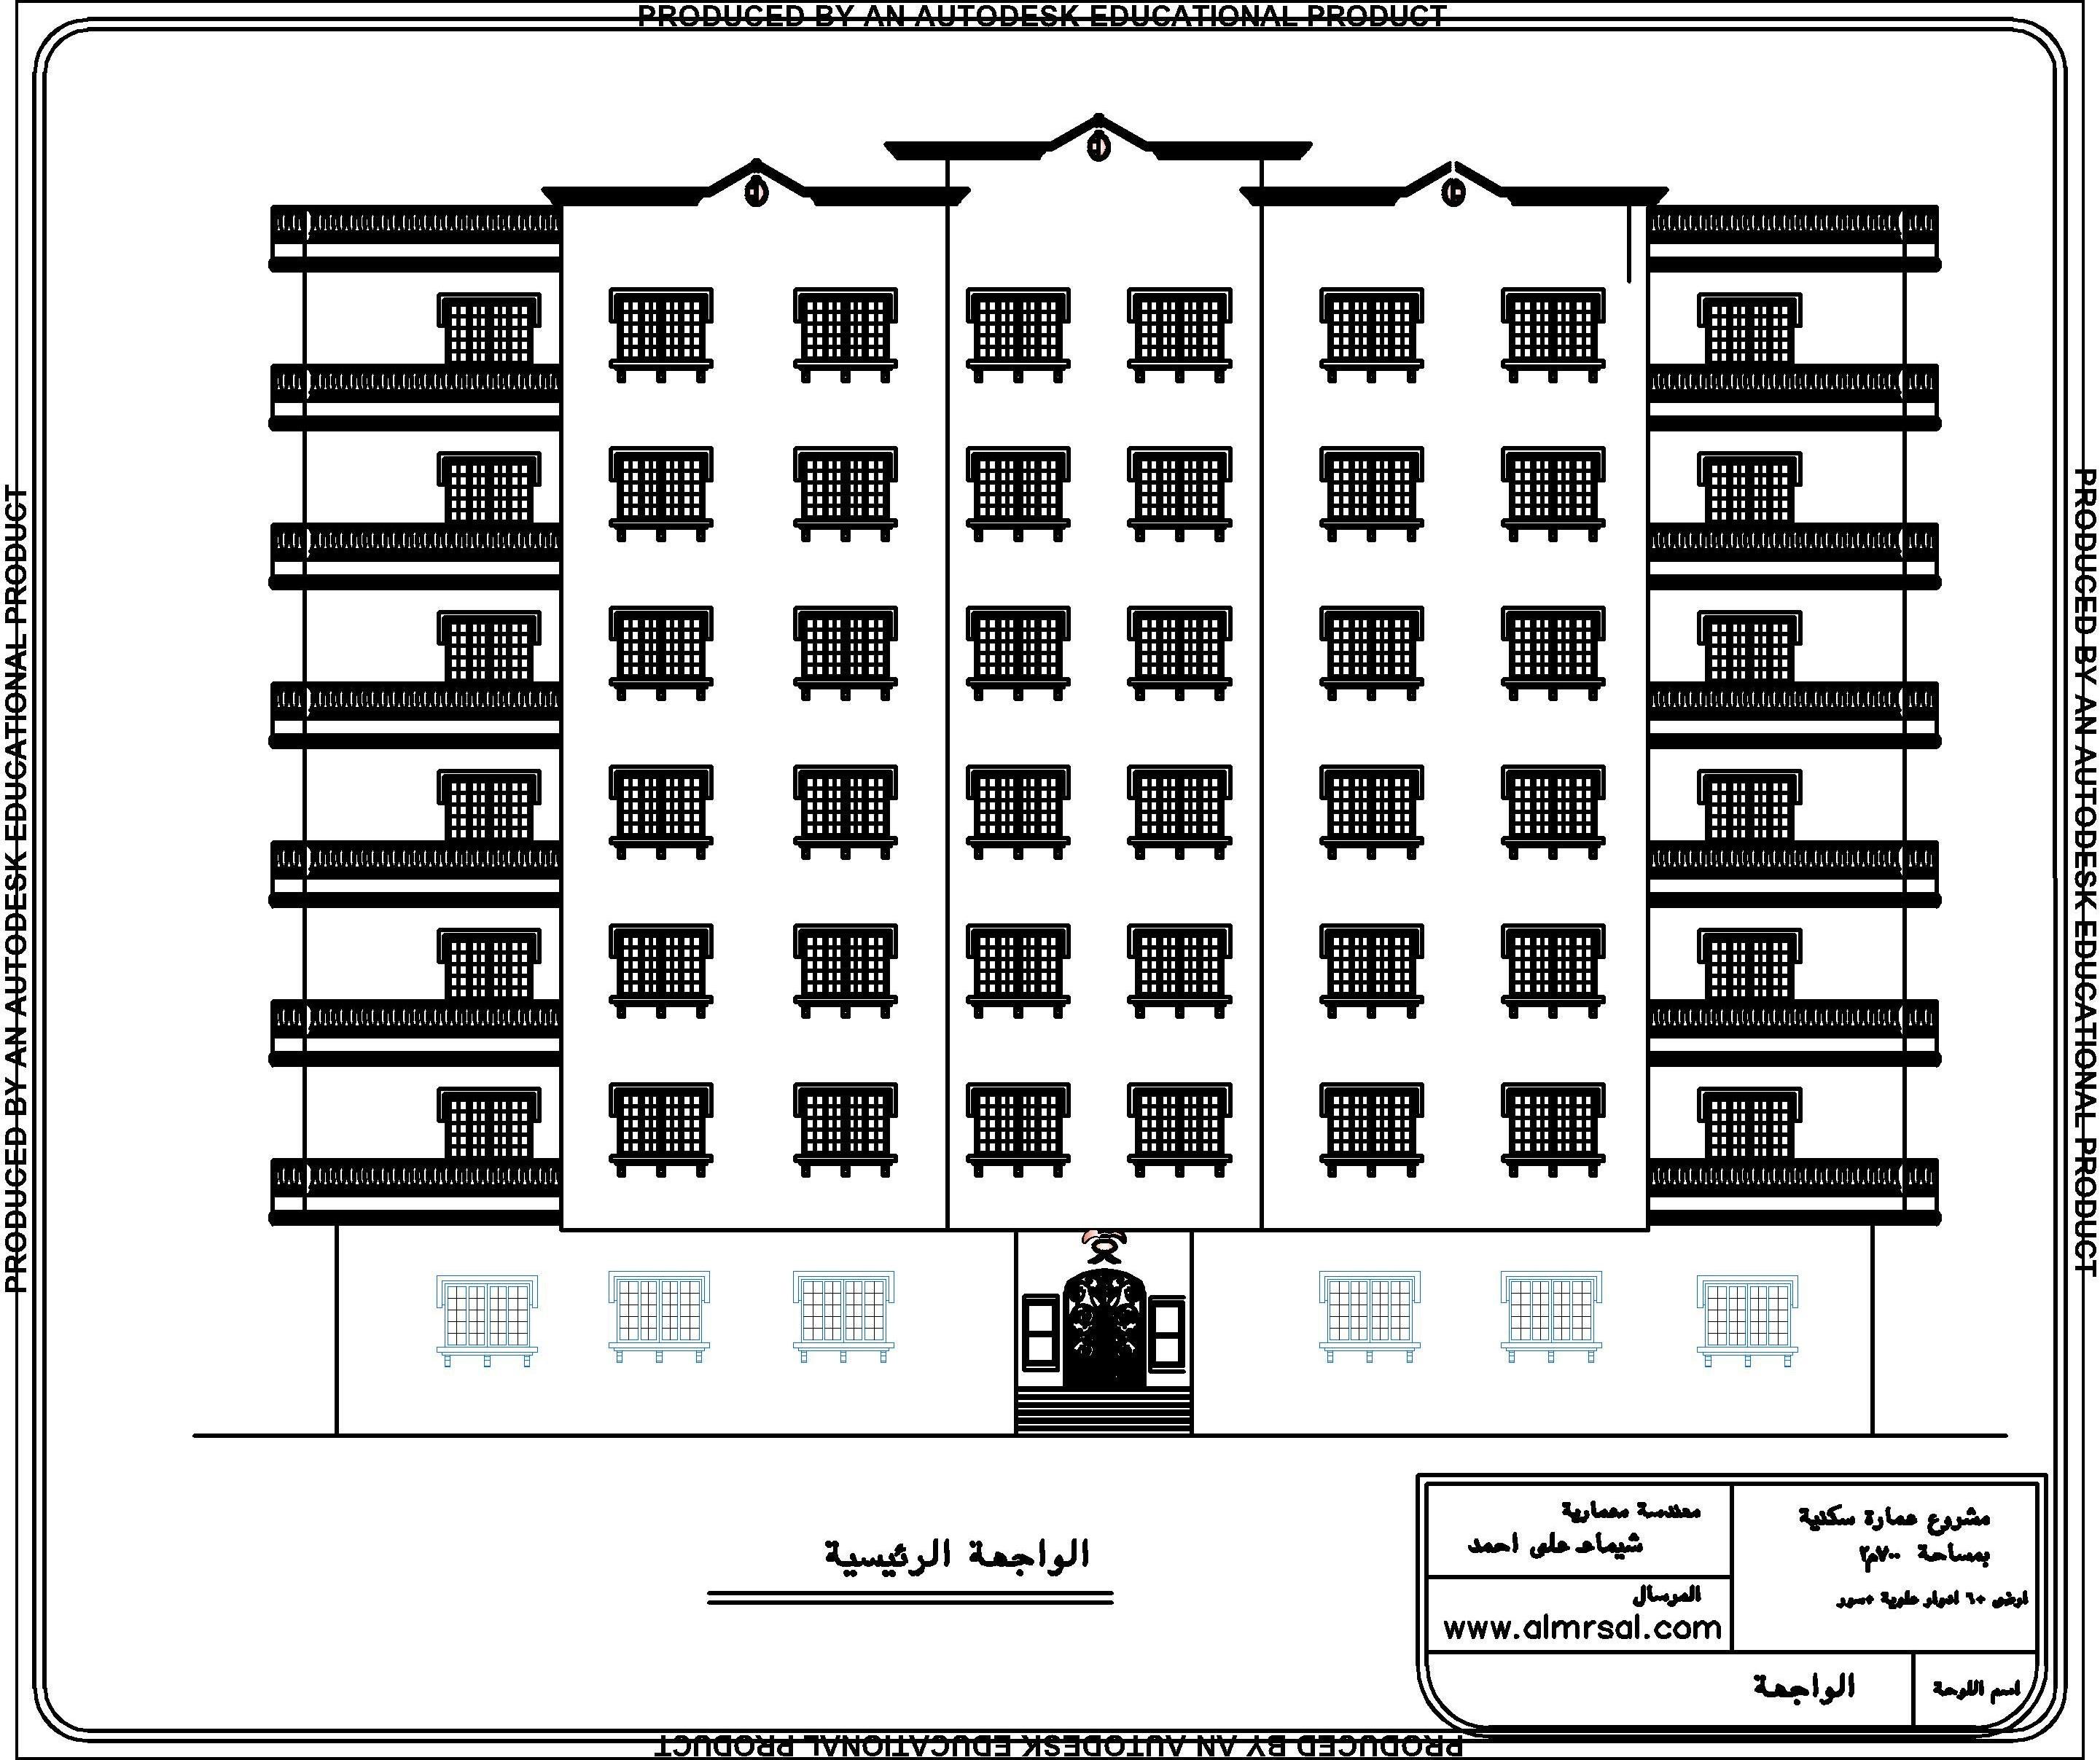 الواجهة الرئيسية لعمارة سكنية 700م2